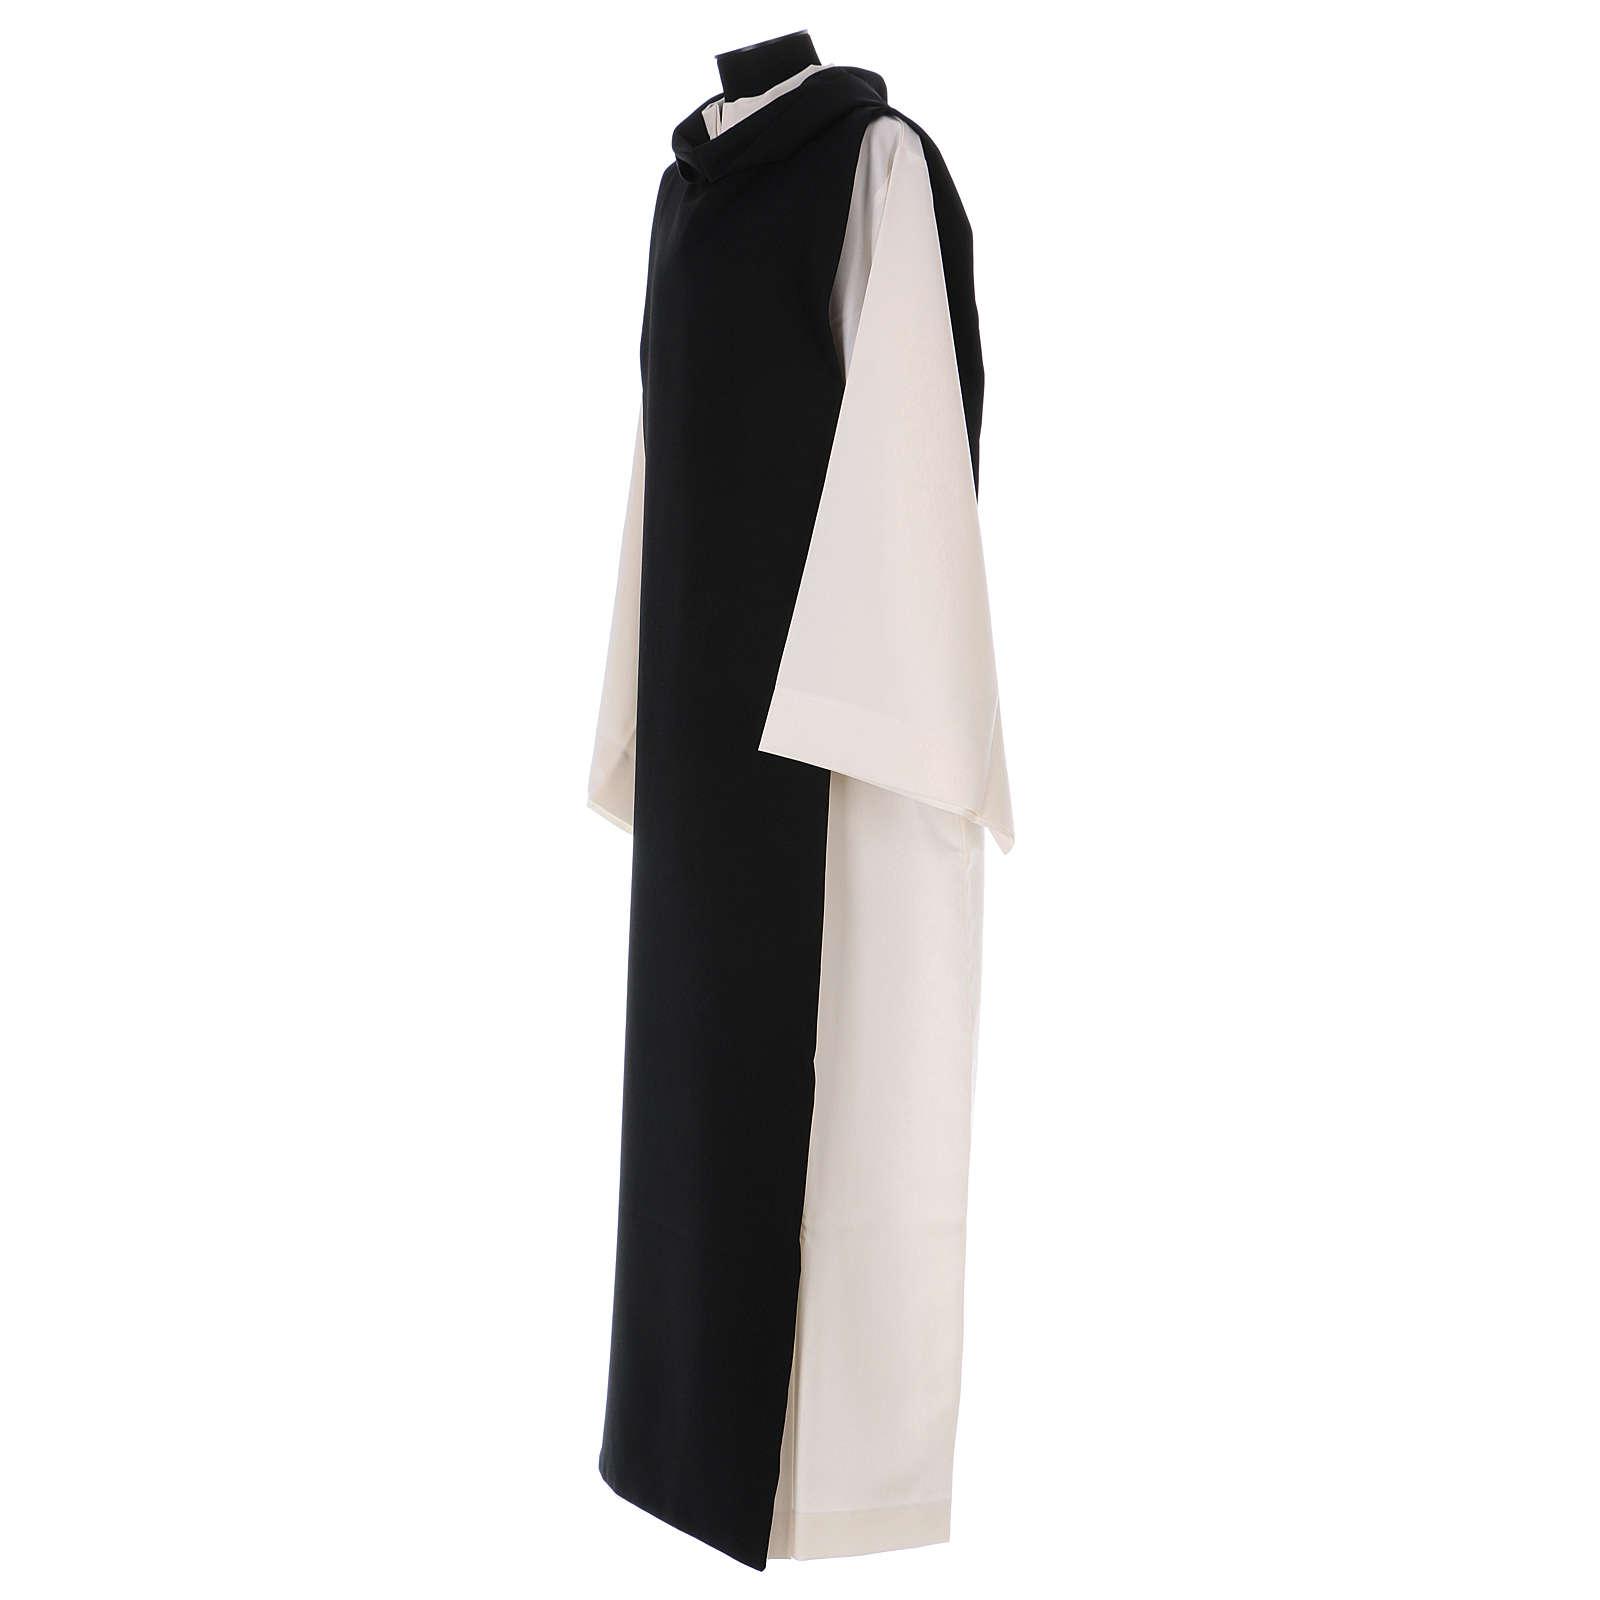 Cistercian alb 4